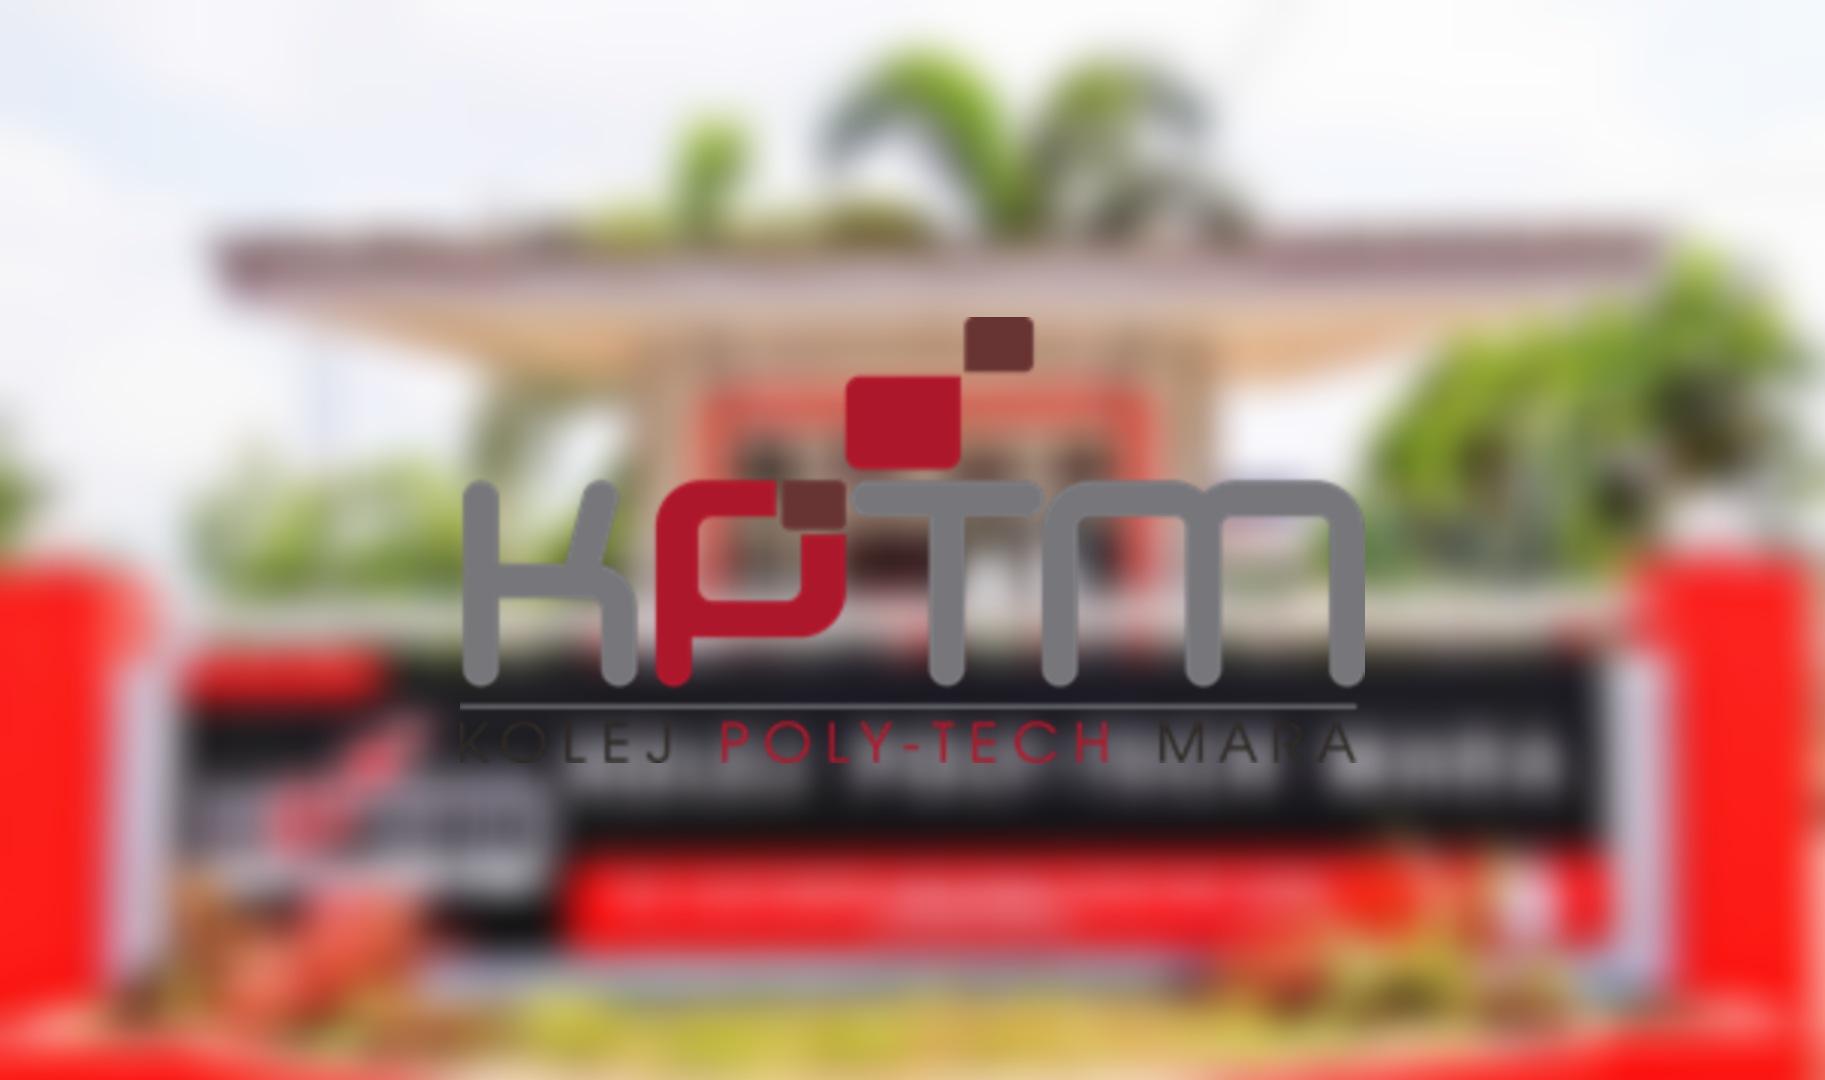 Permohonan KPTM 2021 Online (Kolej Poly-Tech MARA)